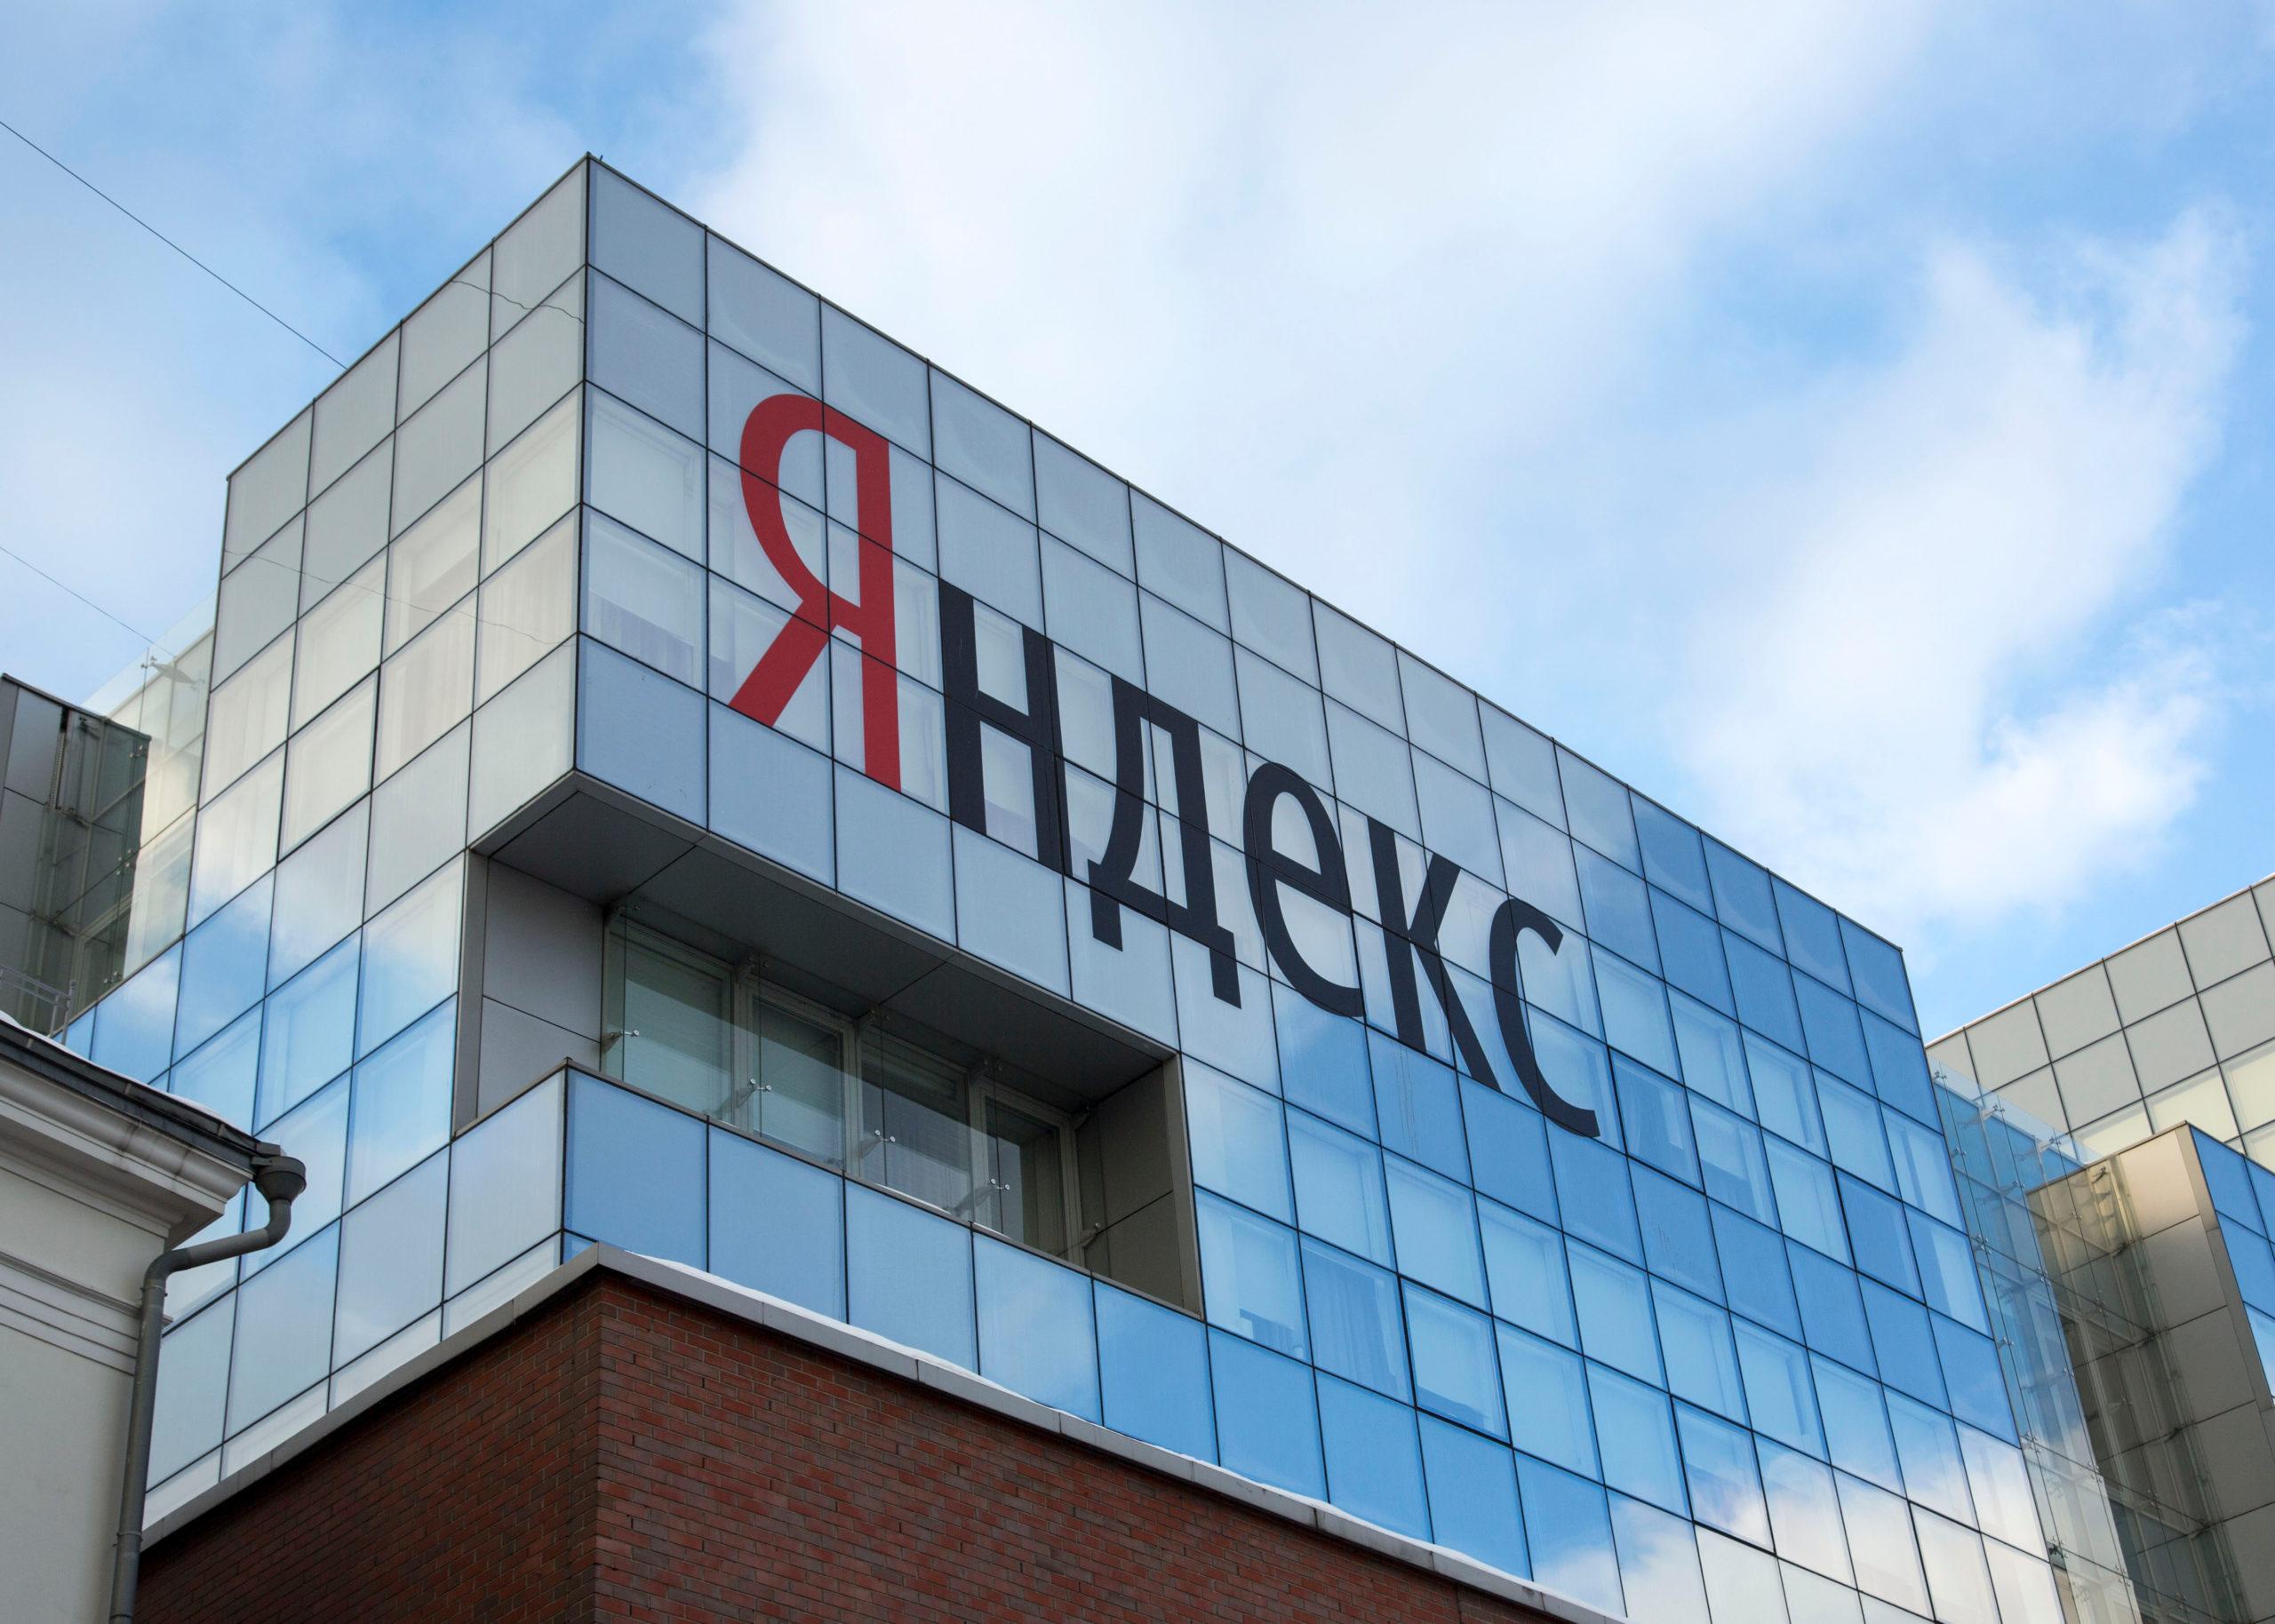 Яндекс создал «ЯБанк», «ЯСейф» и еще 15 товарных знаков для своей финансовой экосистемы